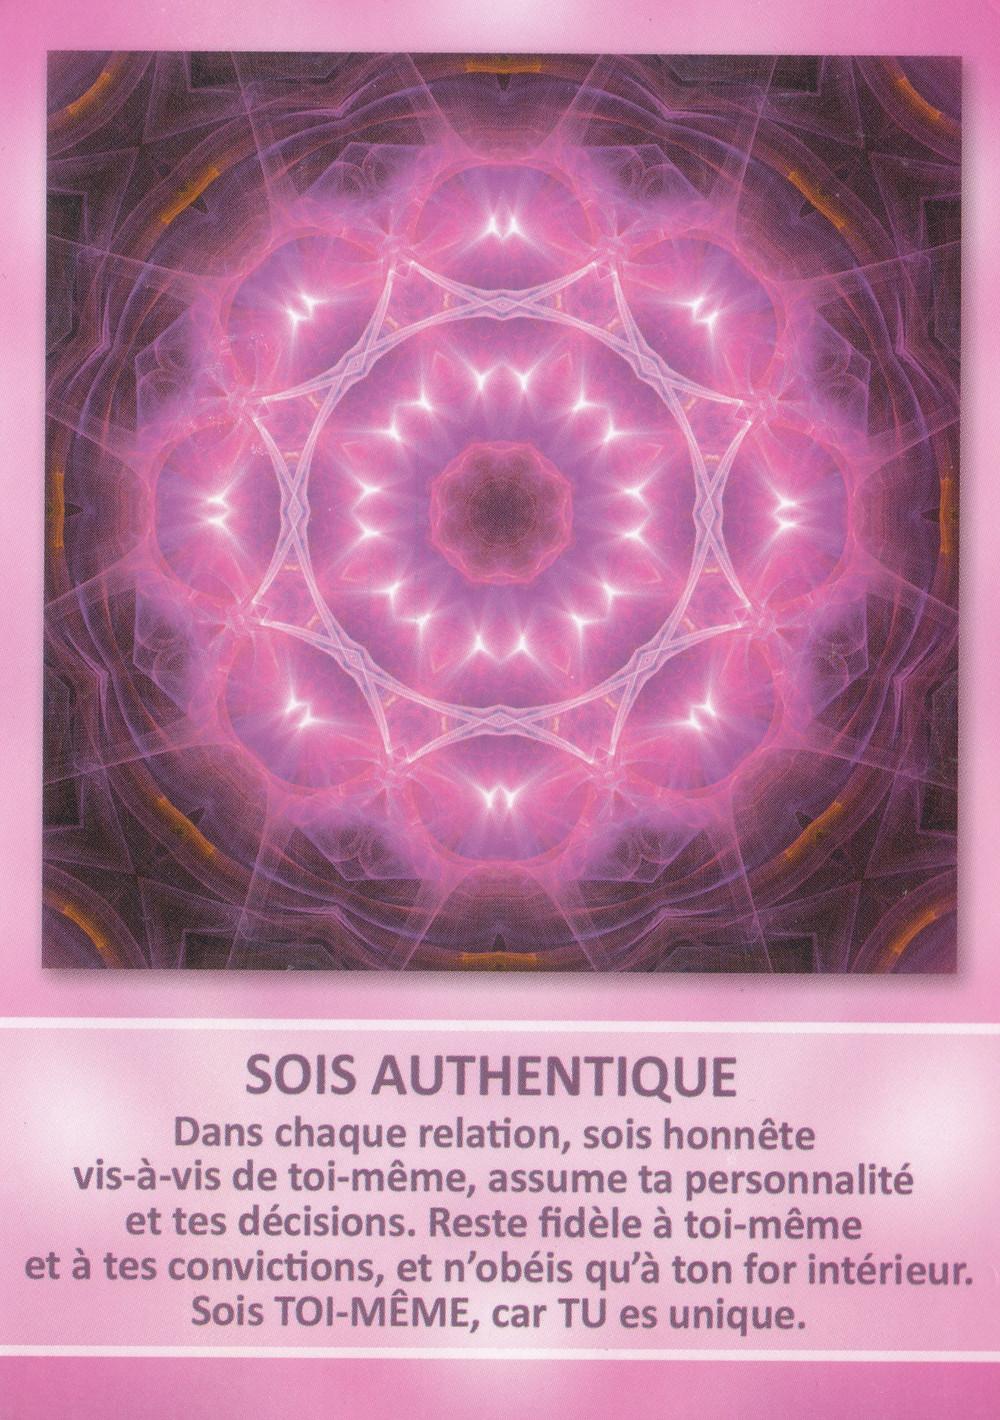 Carte de L'Oracle des Mandalas d'Énergie de Gaby Shayana Hoffmann : Sois Authentique - 31 décembre 2019 : Célébrons la Vie et l'Amour...